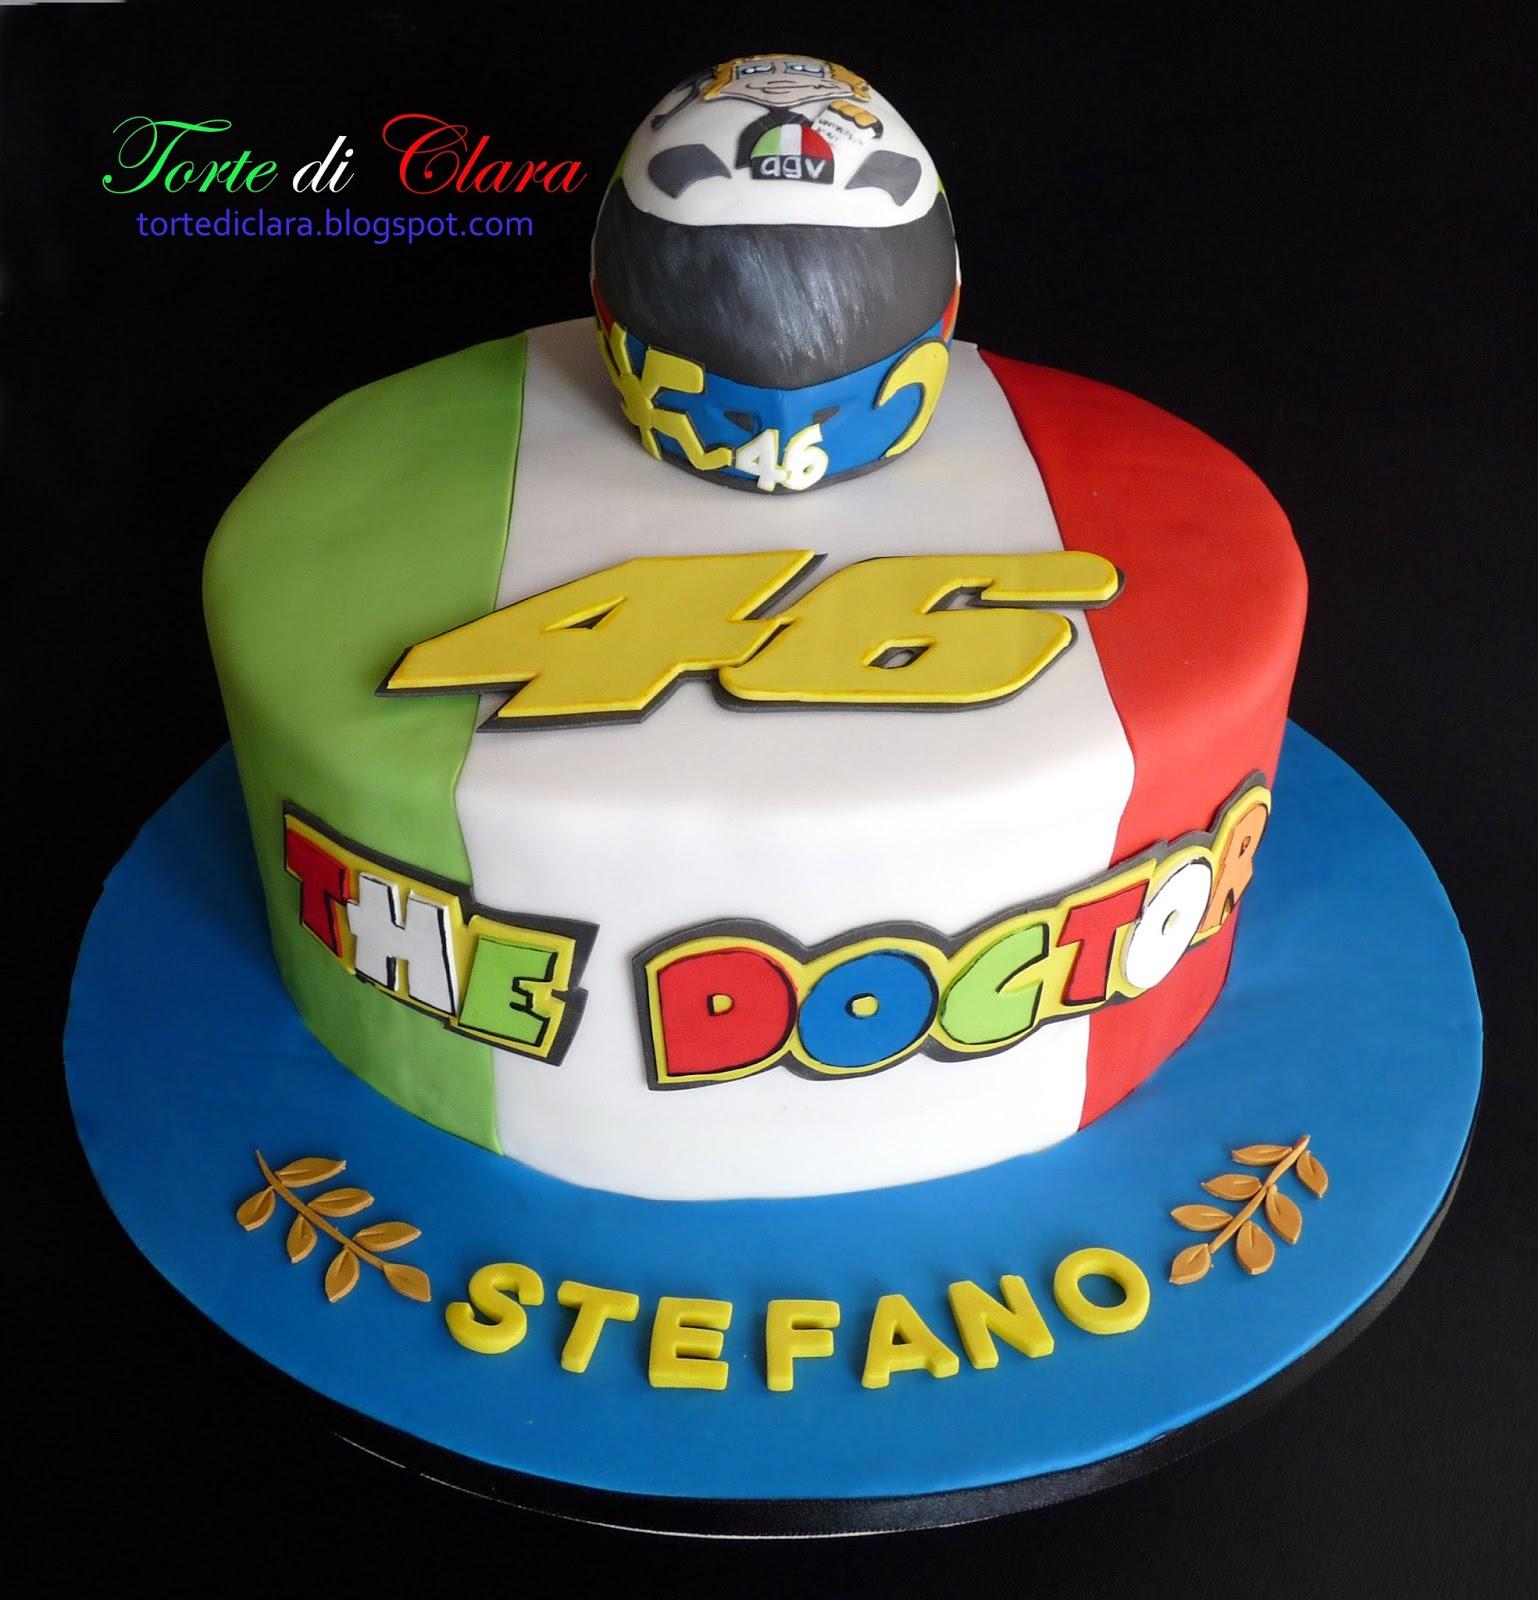 Valentino Rossi cake. Torta per la laurea di